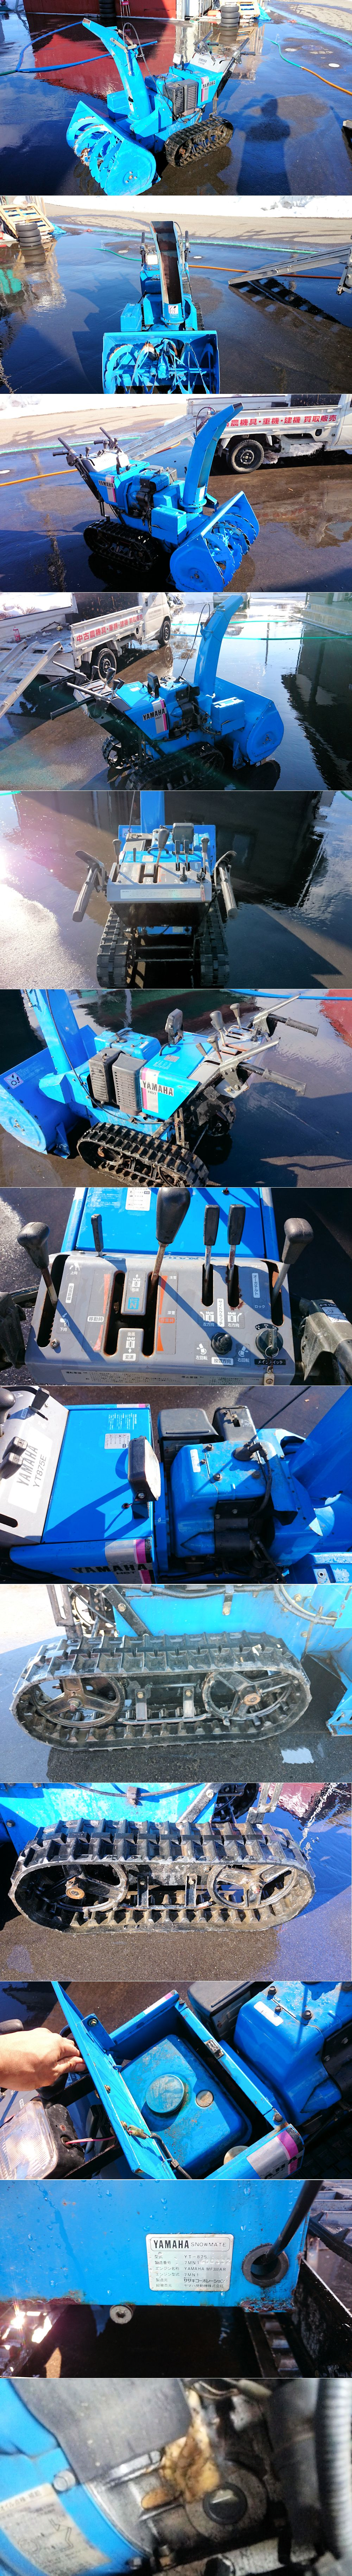 ヤマハ 除雪機 YT875E 7馬力 HST変速 クローラ良好 中古 難あり